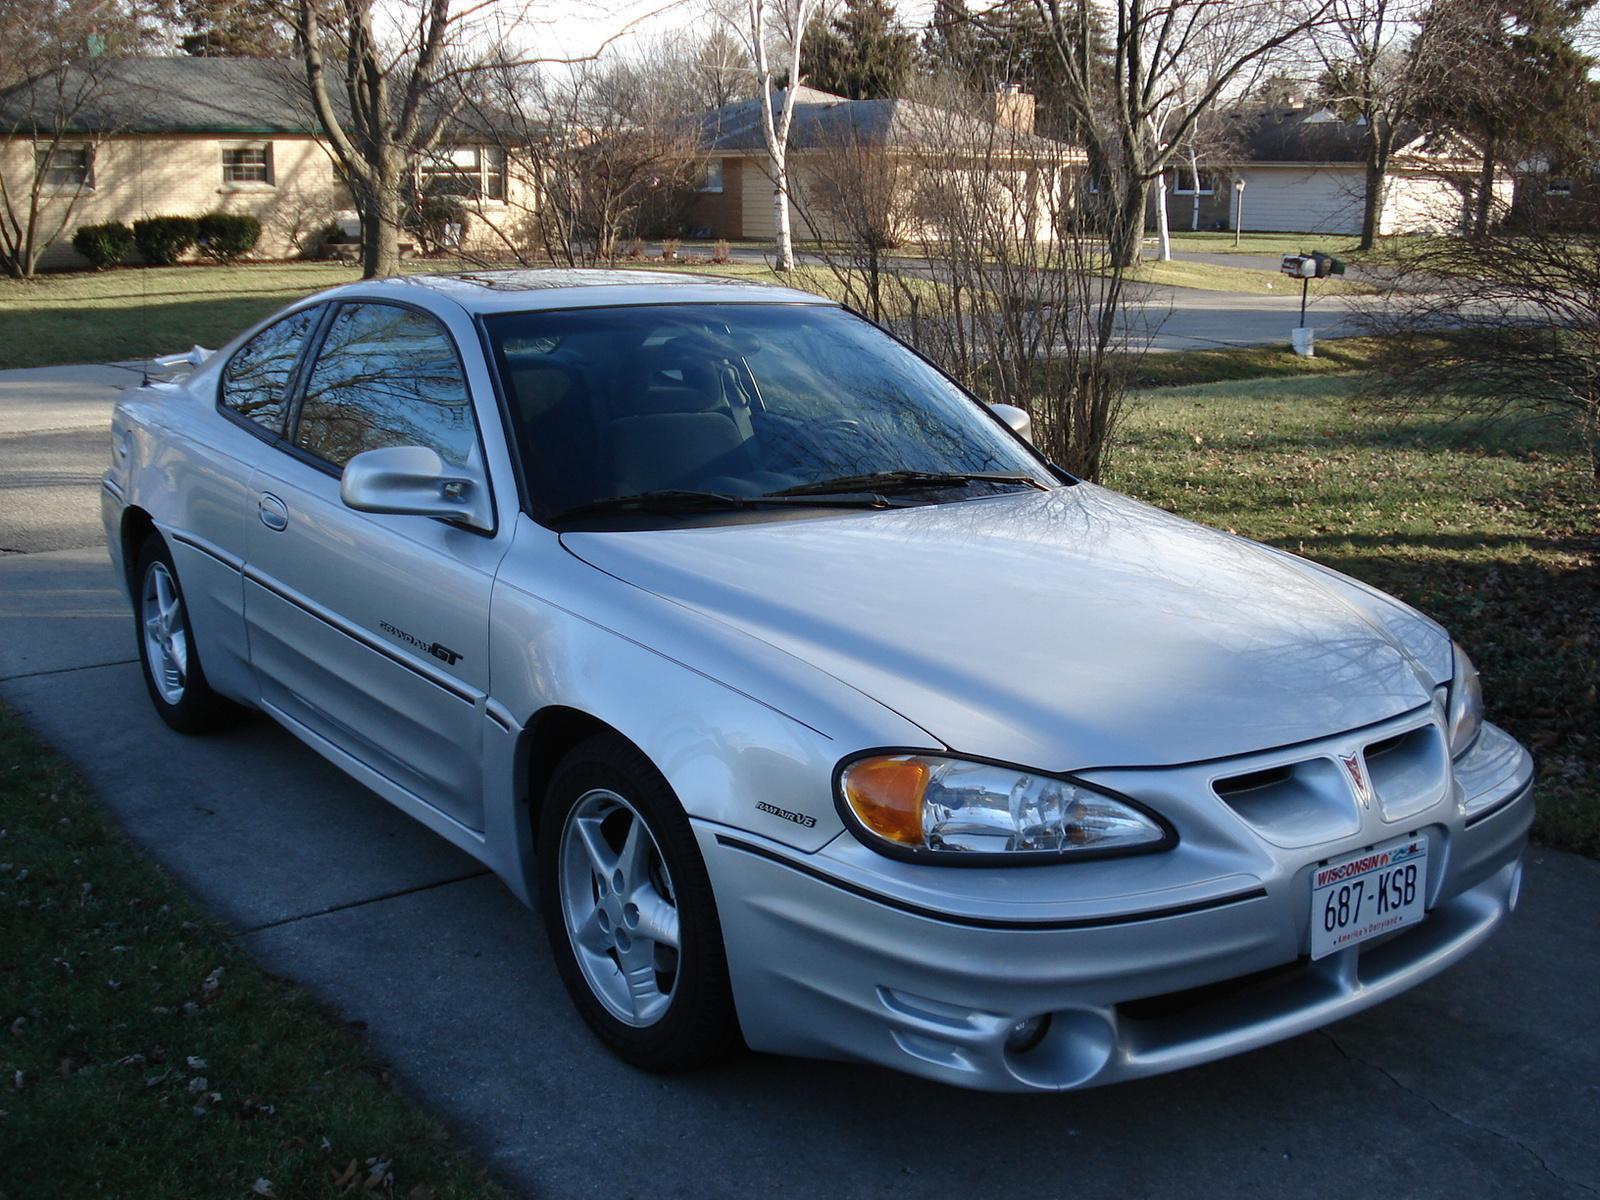 2001 Pontiac Grand Am #2 Pontiac Grand Am #2 800 1024 1280 1600 origin ...